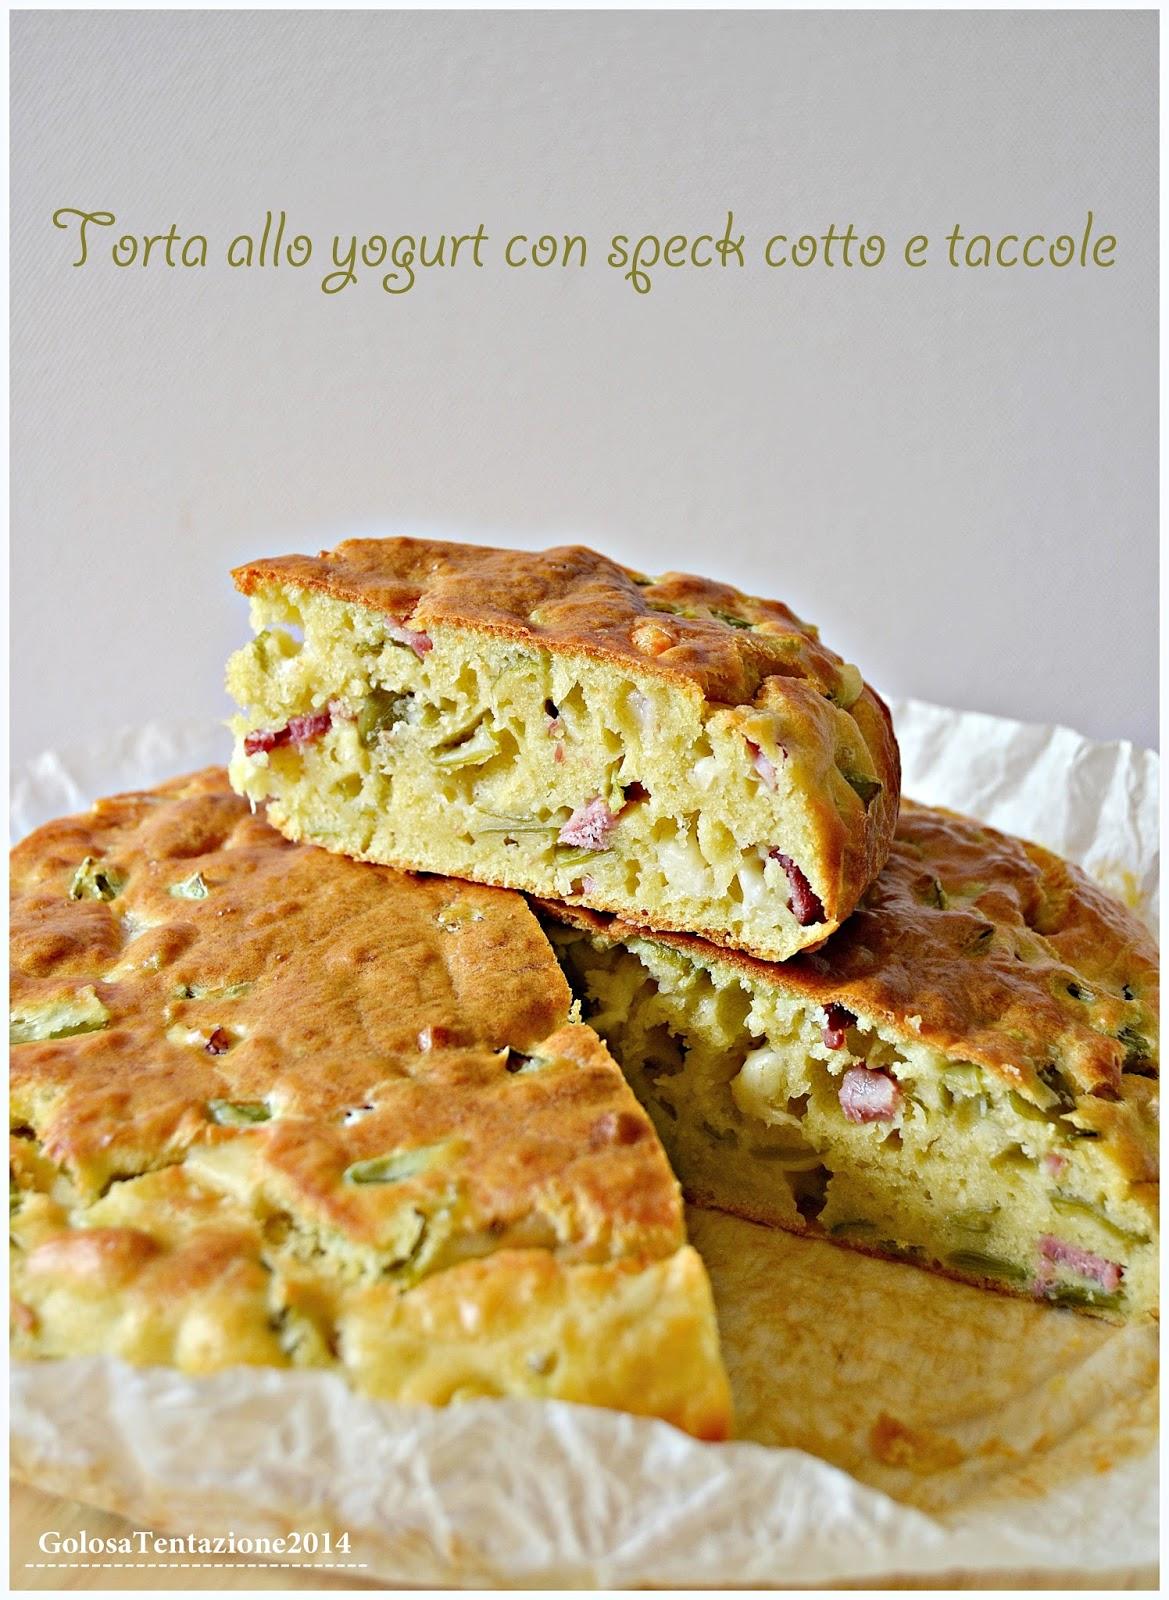 torta allo yogurt con speck cotto e taccole